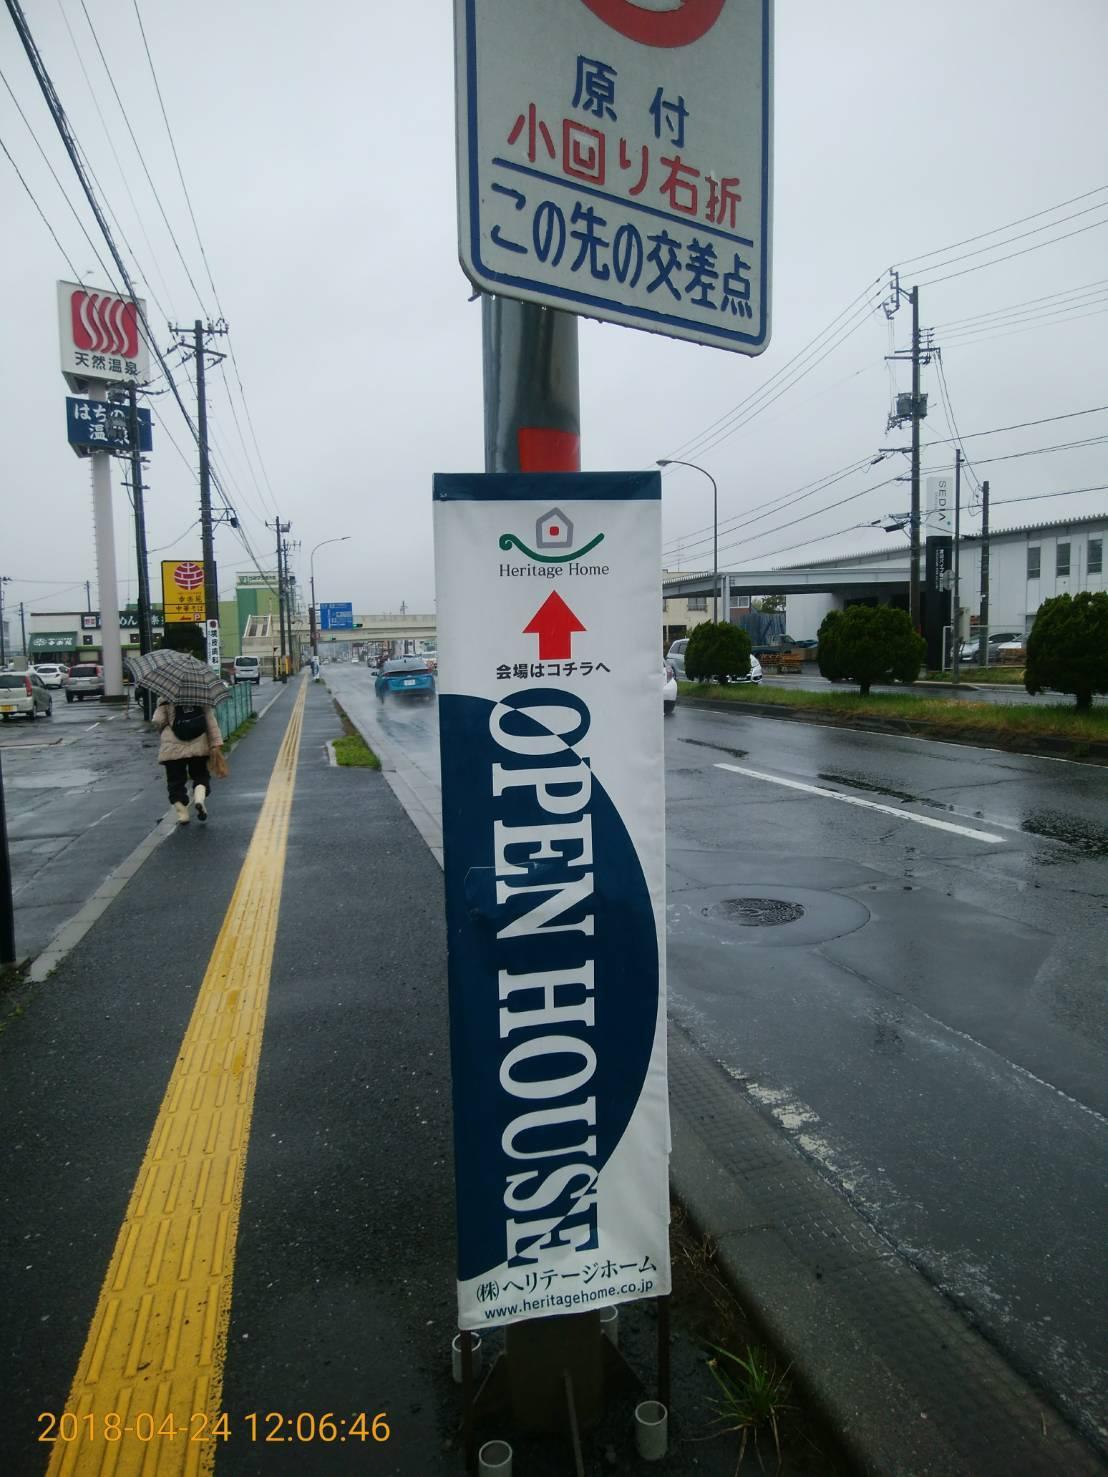 違法看板罰金30万円ヘリテージホーム_b0183351_18145774.jpg